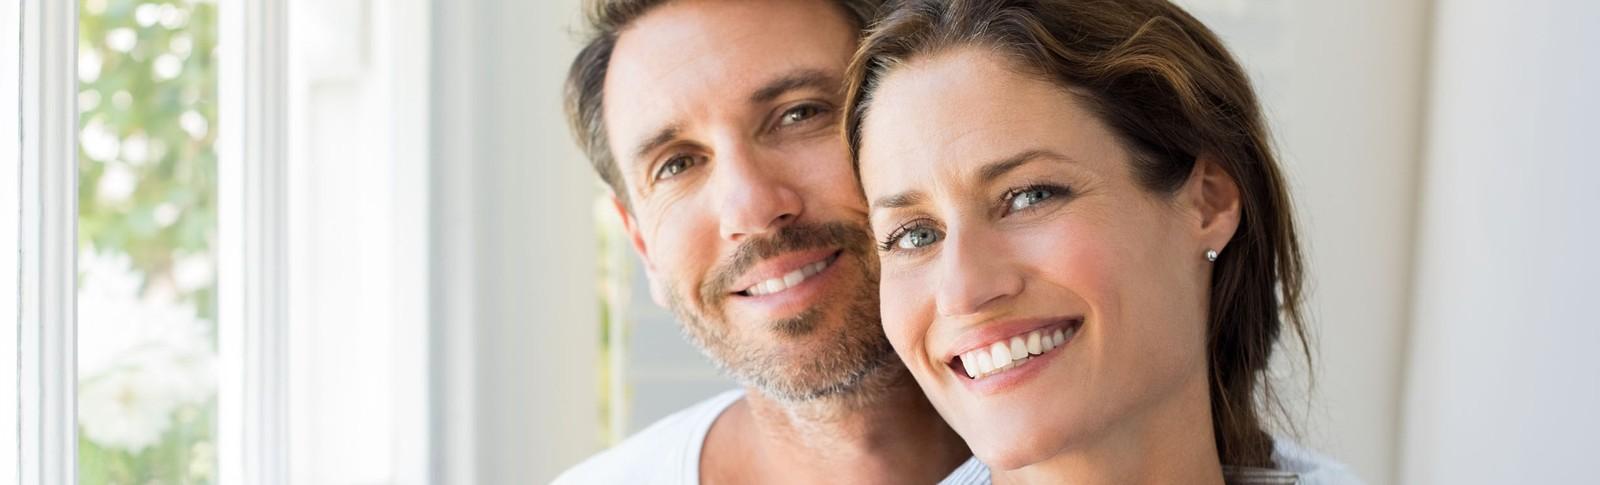 Paar lächelt zufrieden in die Kamera - nach einer erfolgreichen Augenlidstraffung in den Moser Kliniken